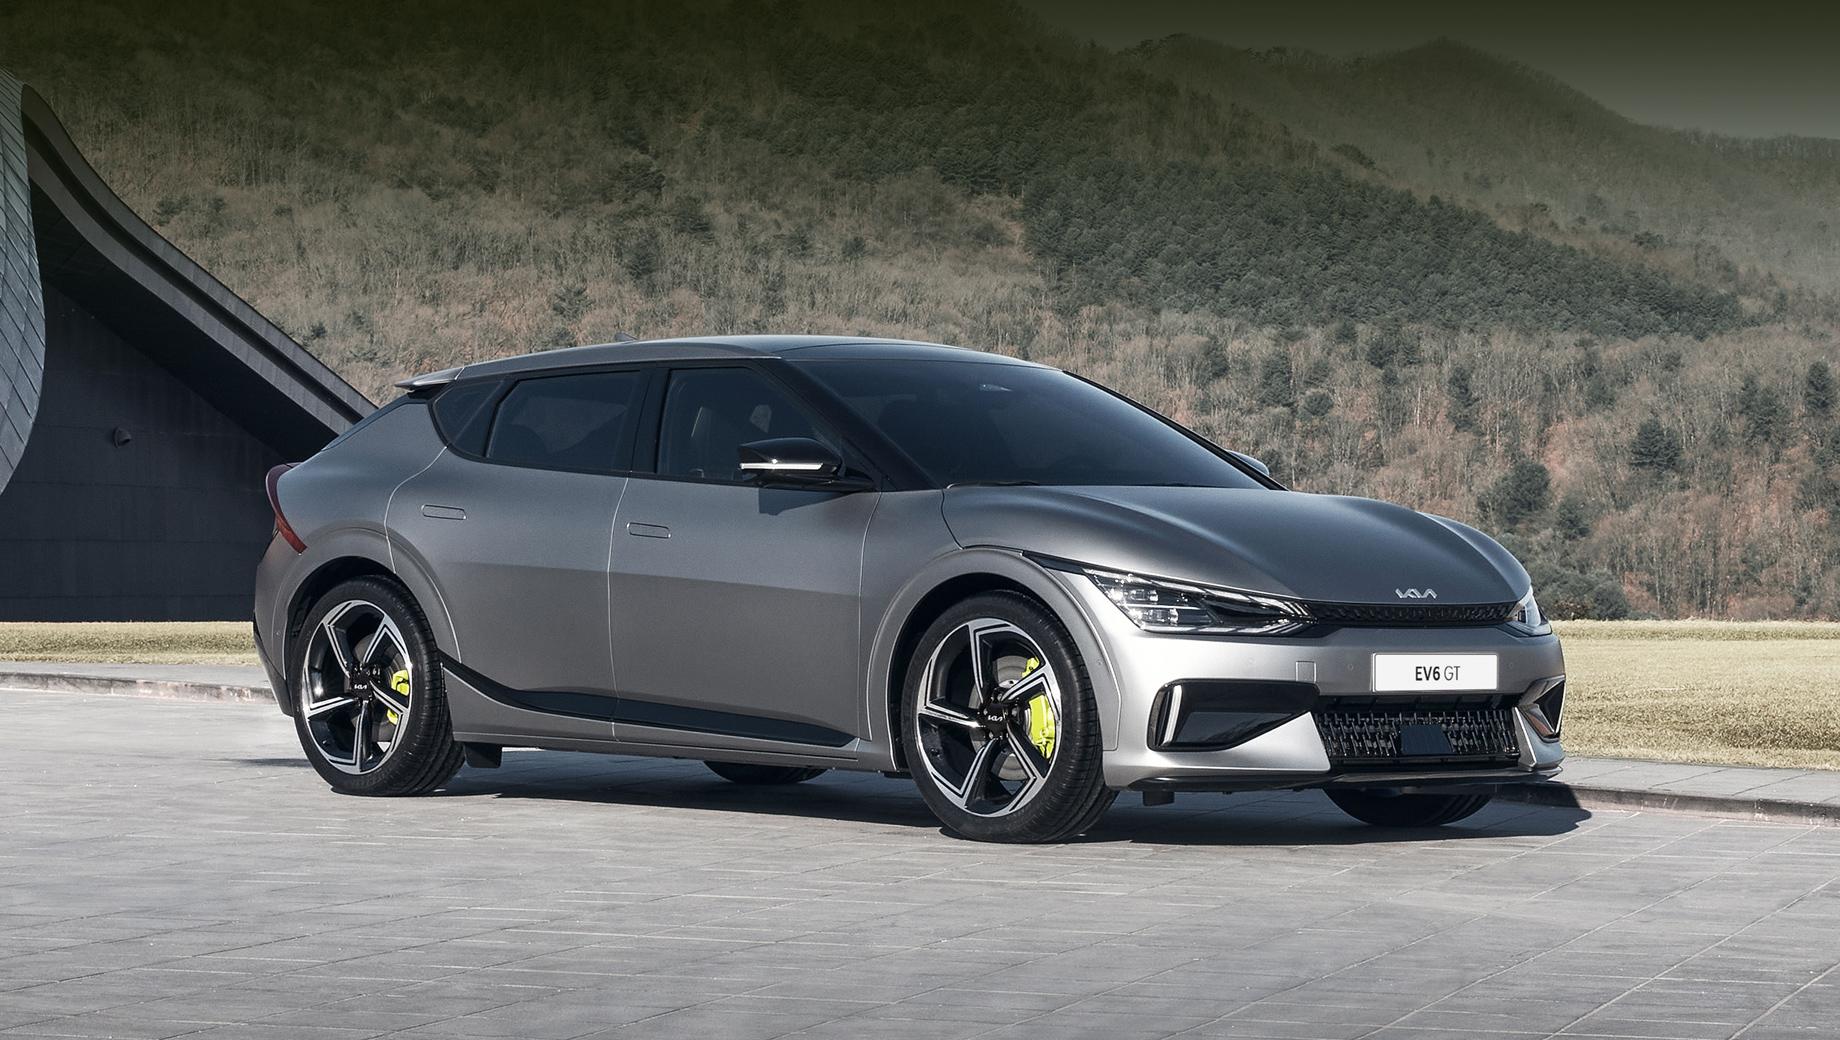 Спрос на электрокар Kia EV6 в Европе оказался втрое выше ожидаемого 1